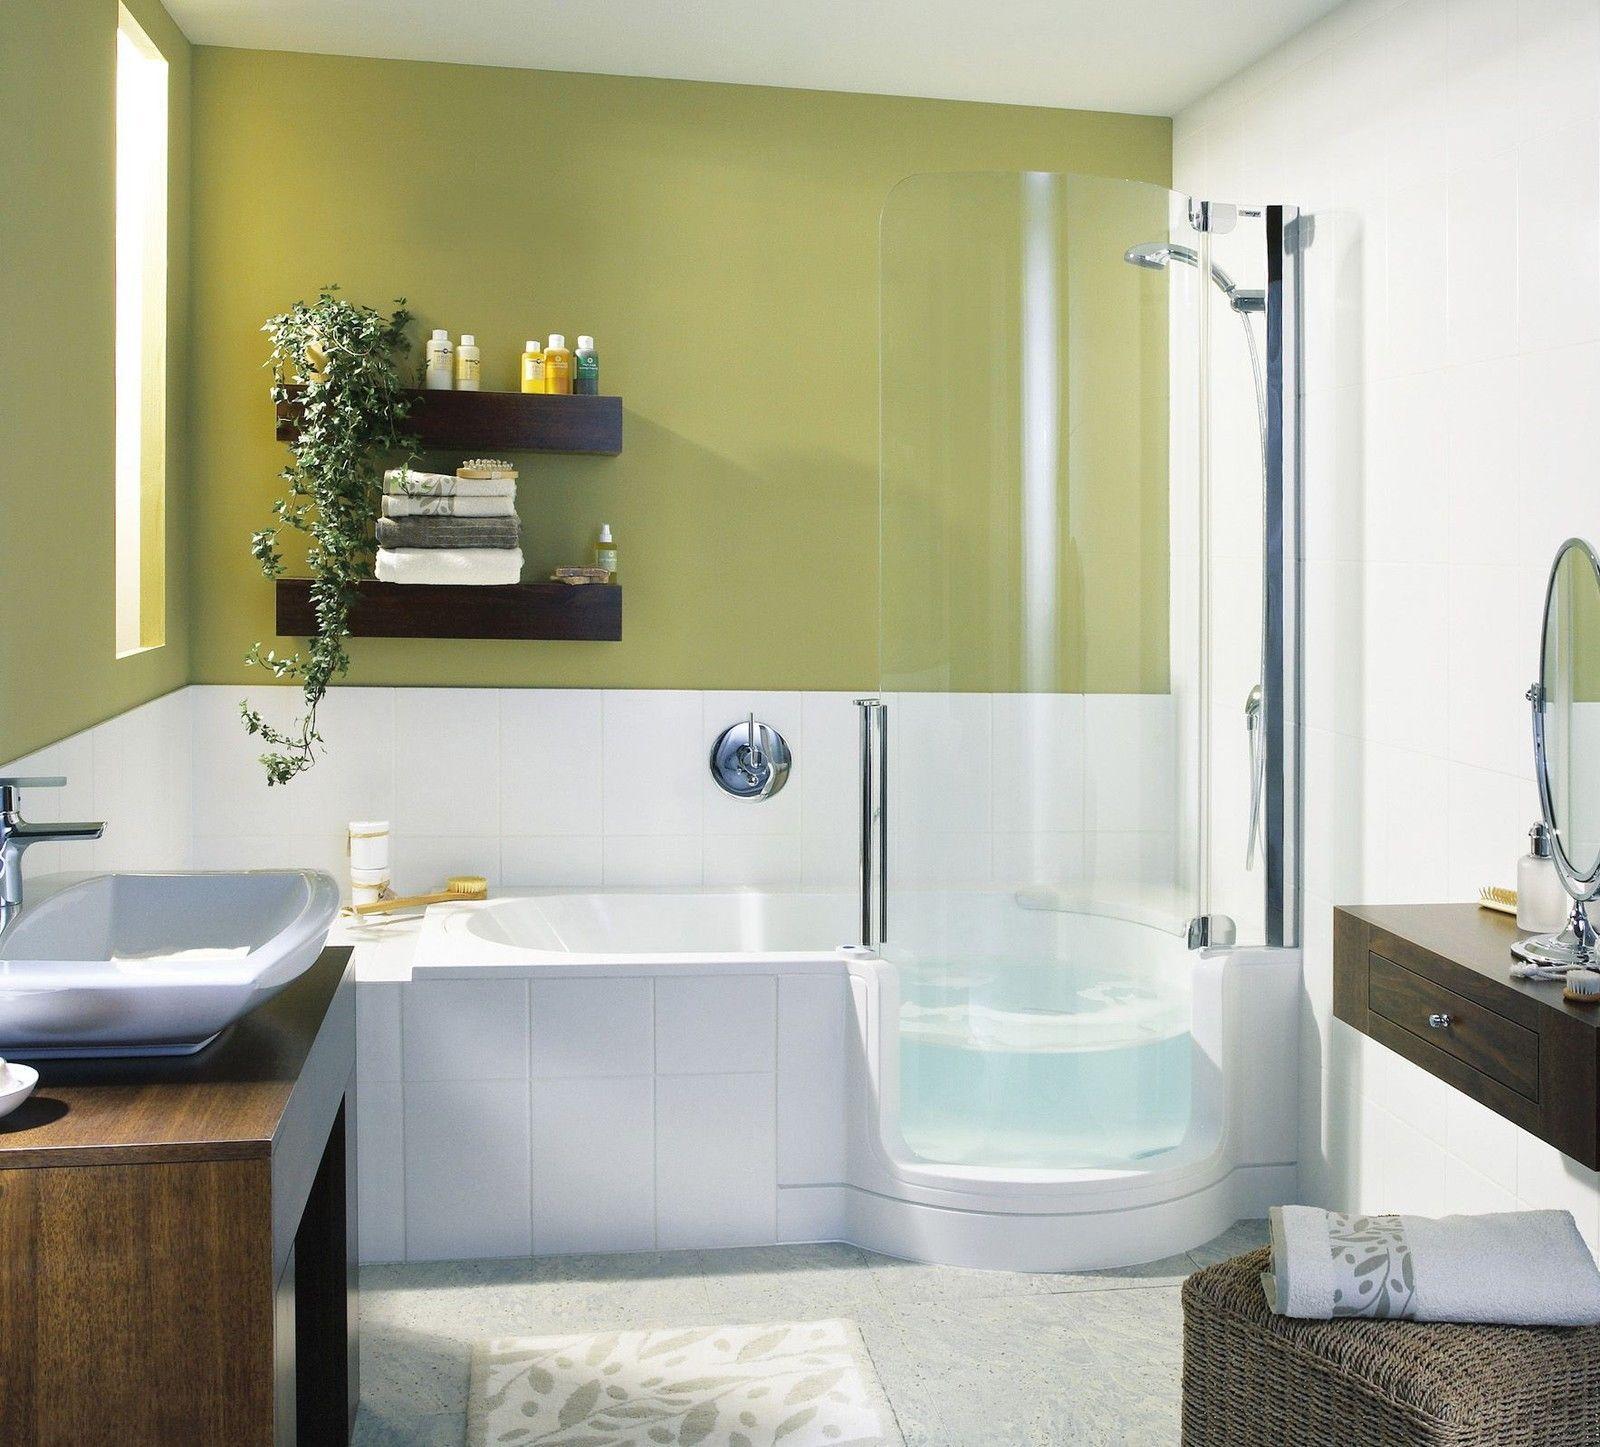 Badezimmerfliesenideen um badewanne artweger twinline  dusch badewanne  mit tür mit glasfront